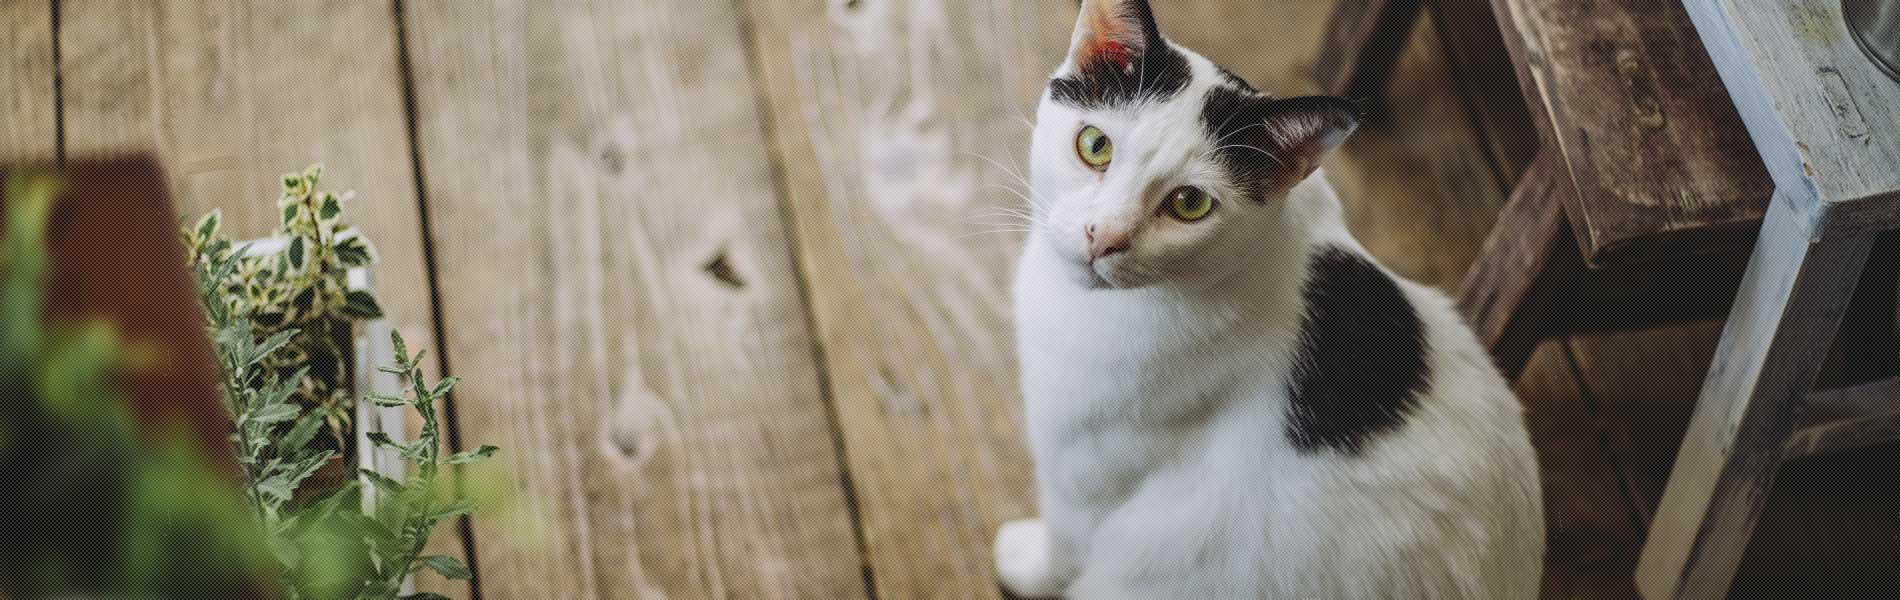 猫とトキソプラズマ